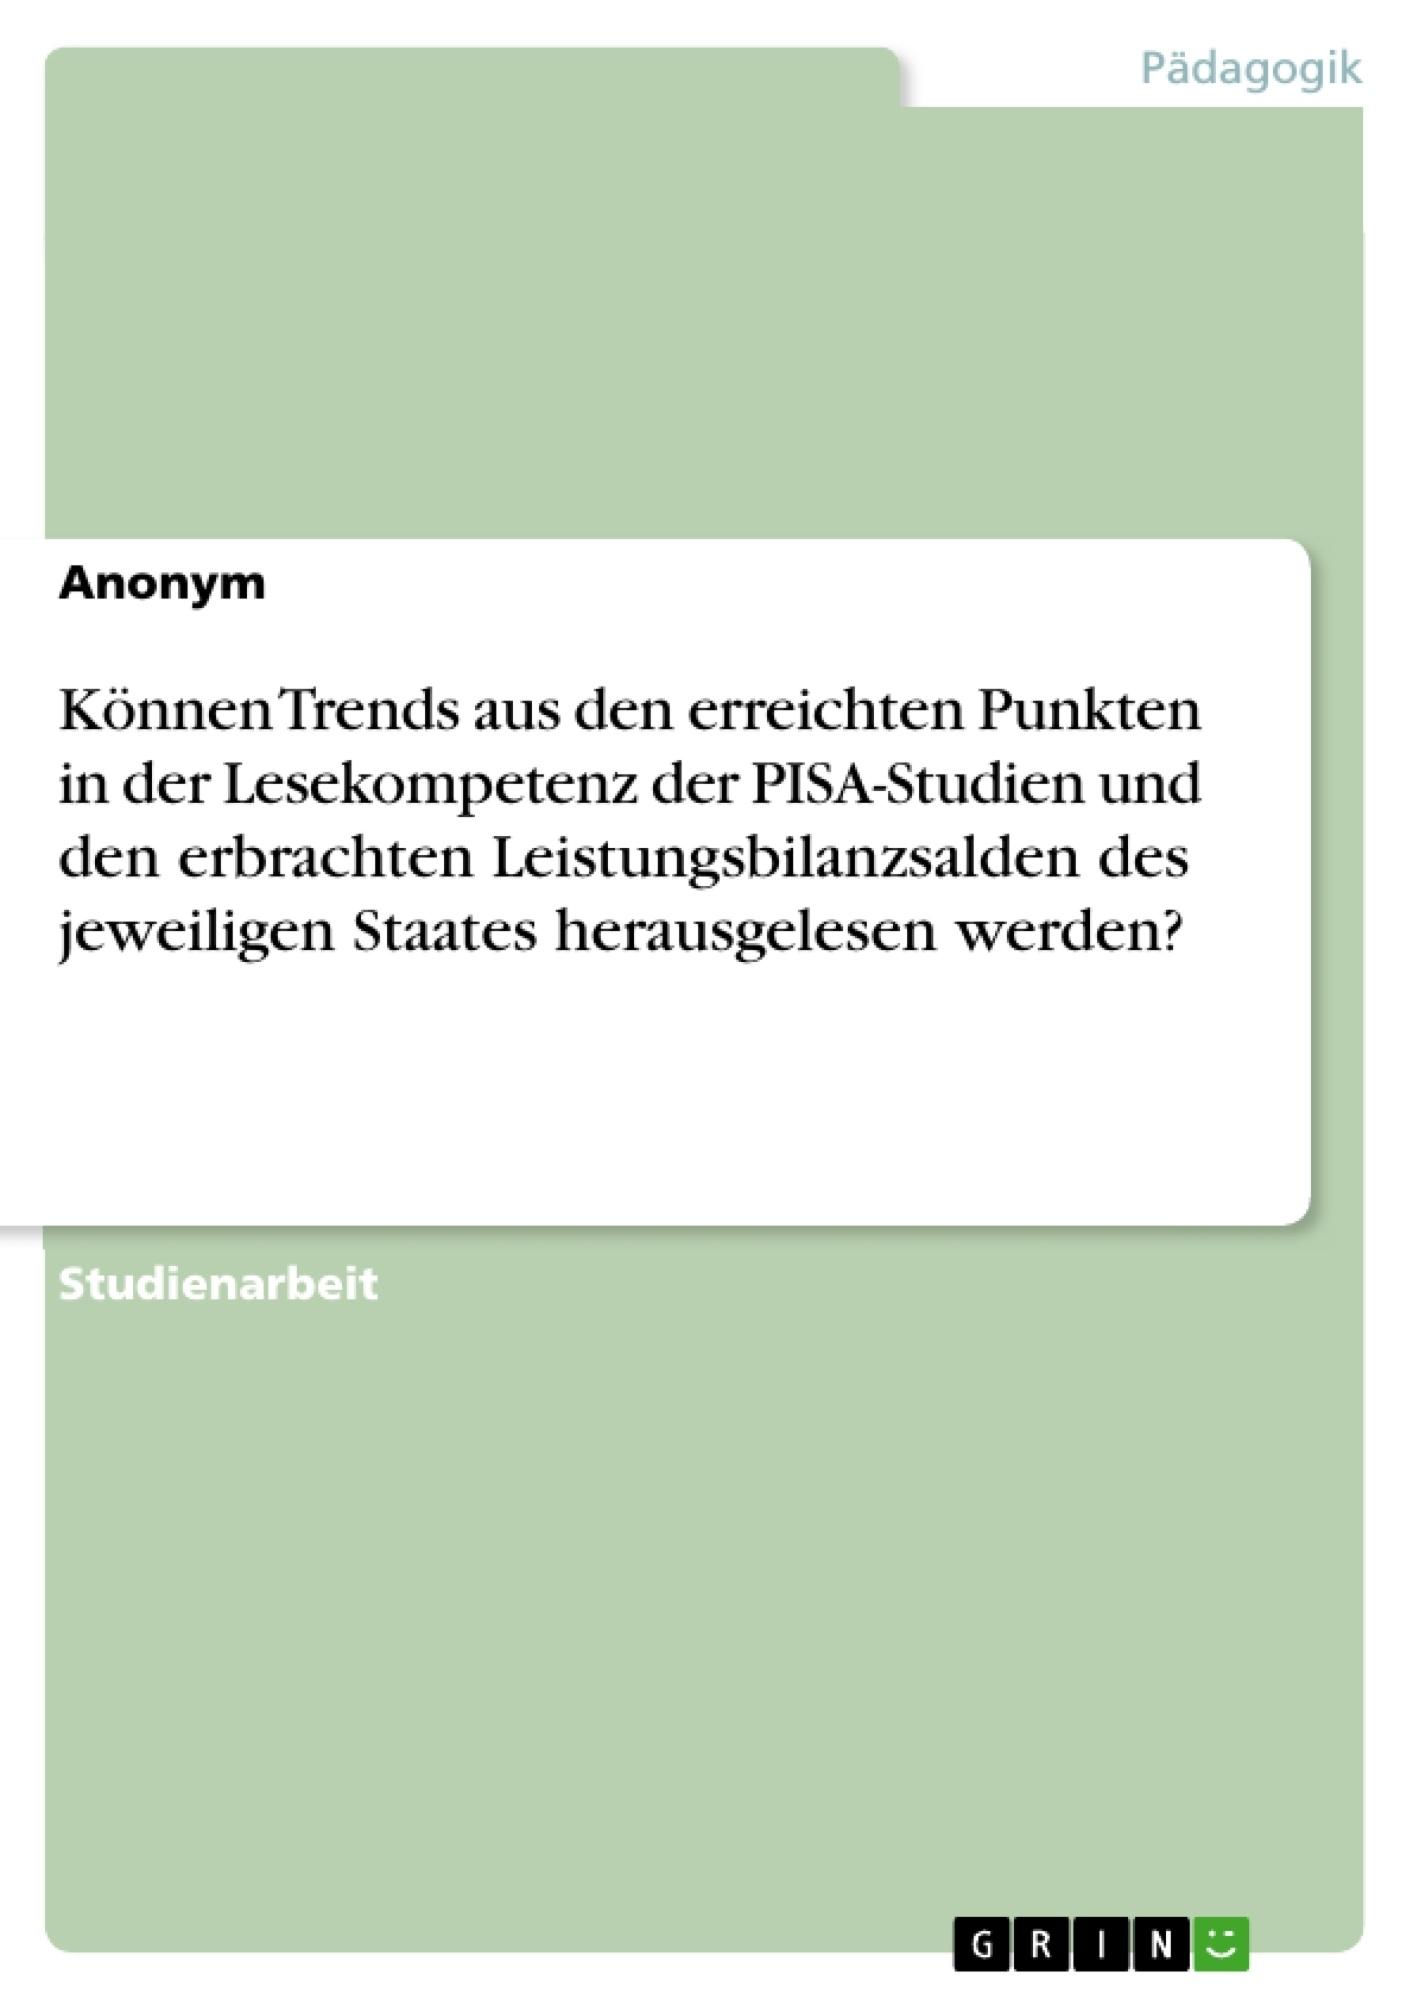 Titel: Können Trends aus den erreichten Punkten in der Lesekompetenz der PISA-Studien und den erbrachten Leistungsbilanzsalden des jeweiligen Staates herausgelesen werden?